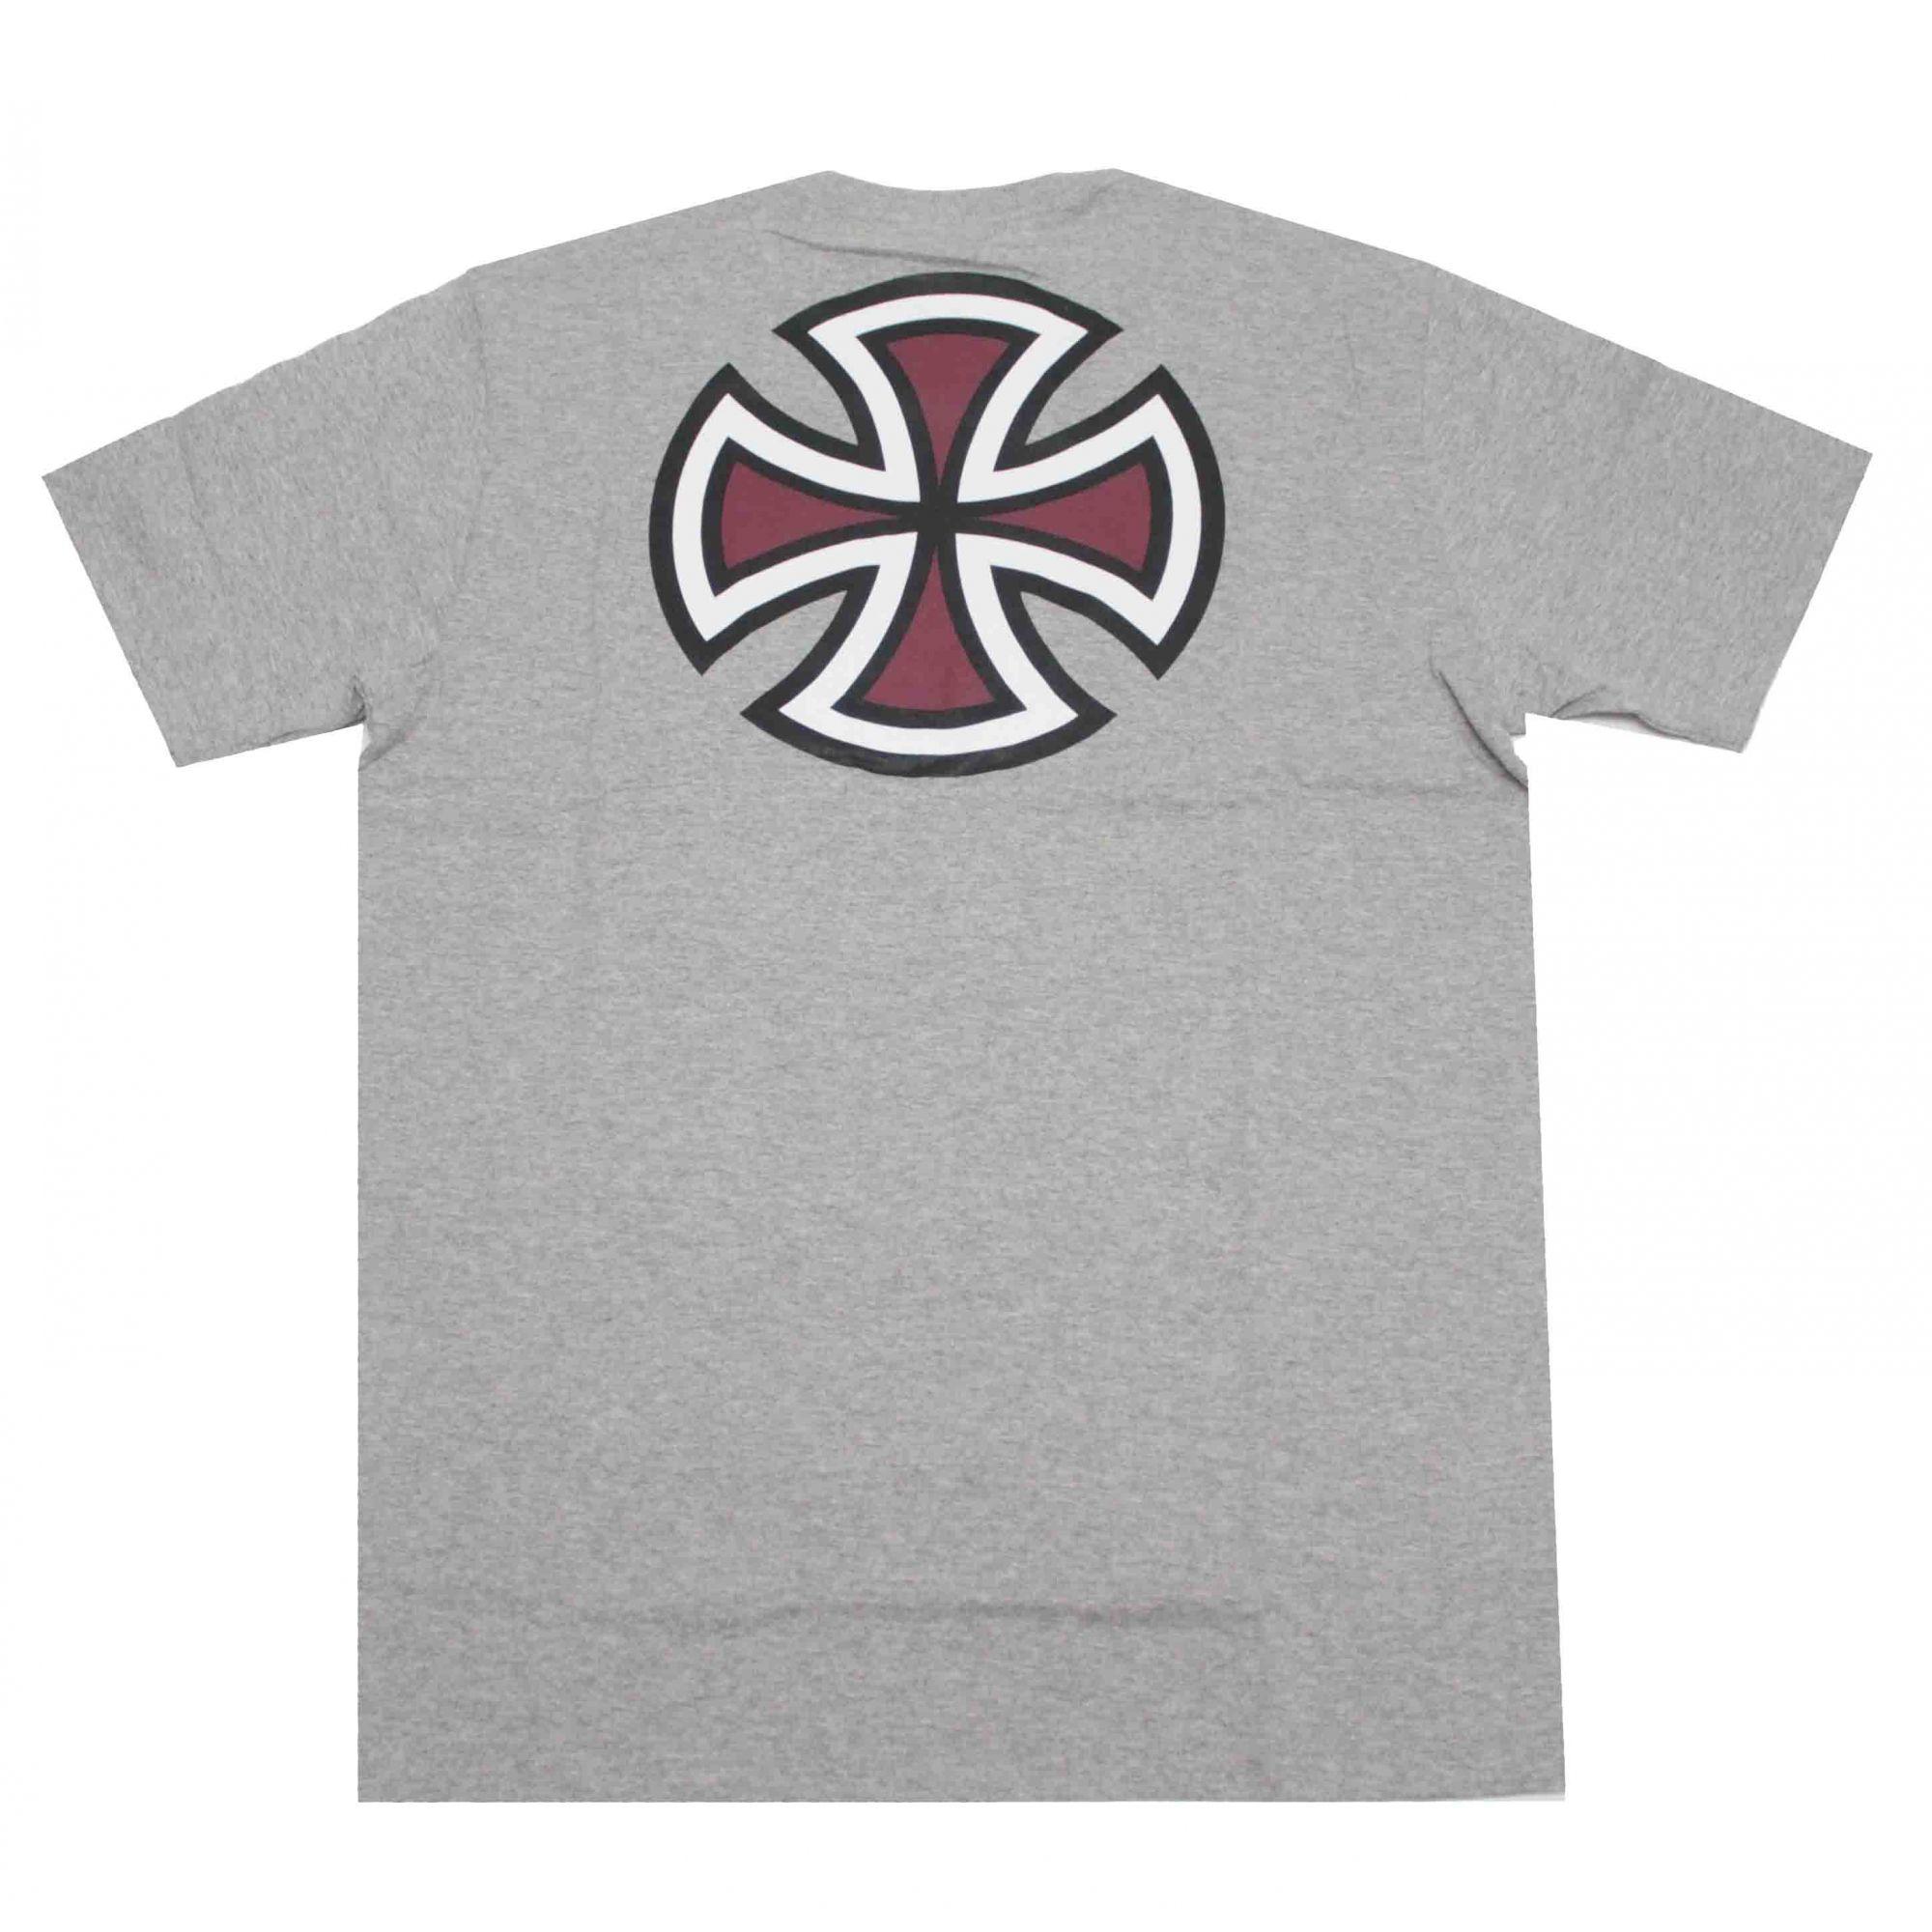 Camiseta Independent Bar Cross Logo 3 Colors Grey